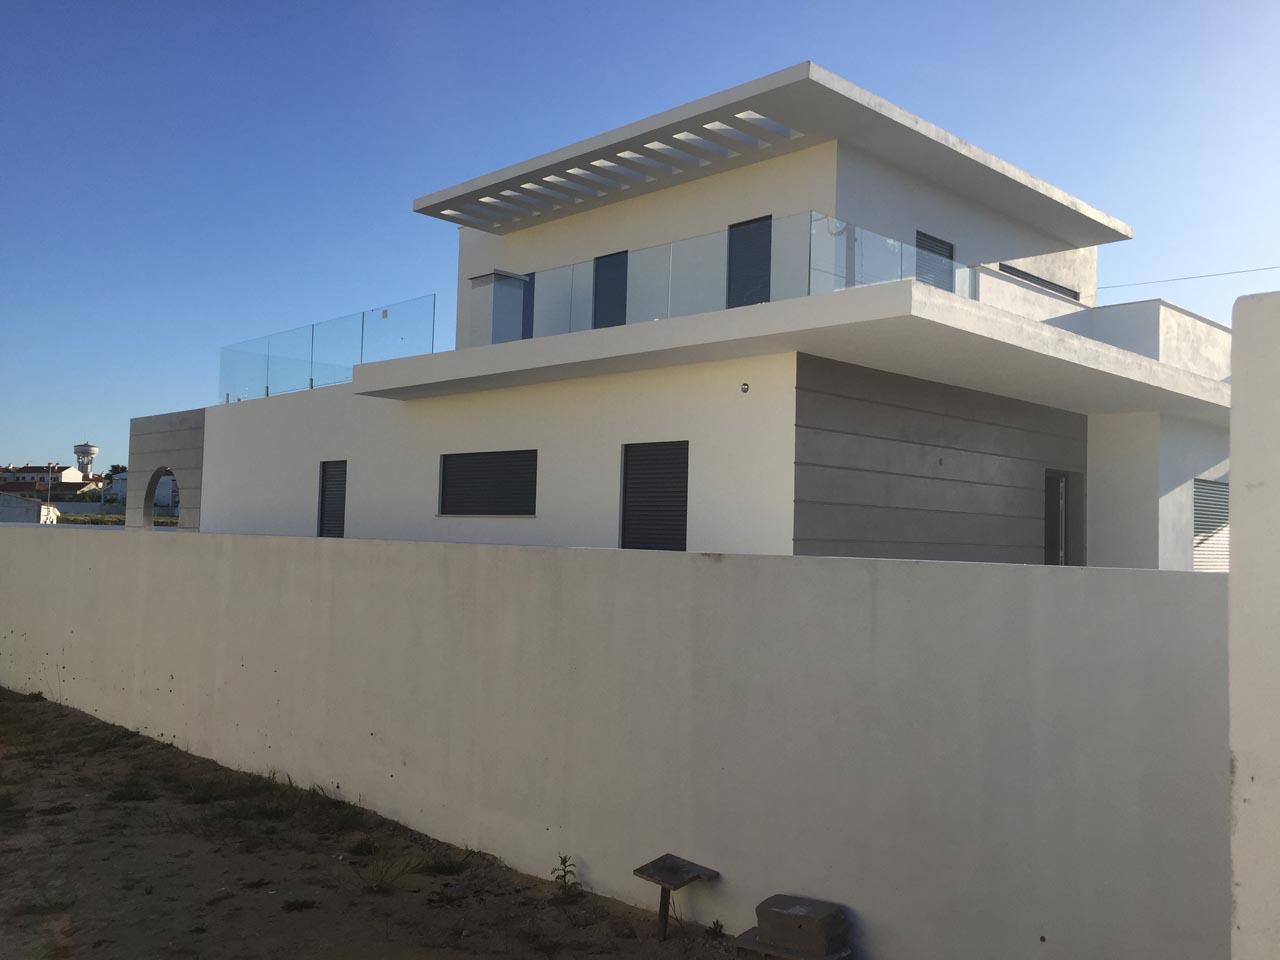 https://www.araujo-arquitectura.pt/wp-content/uploads/2020/12/IMG_4179.jpg